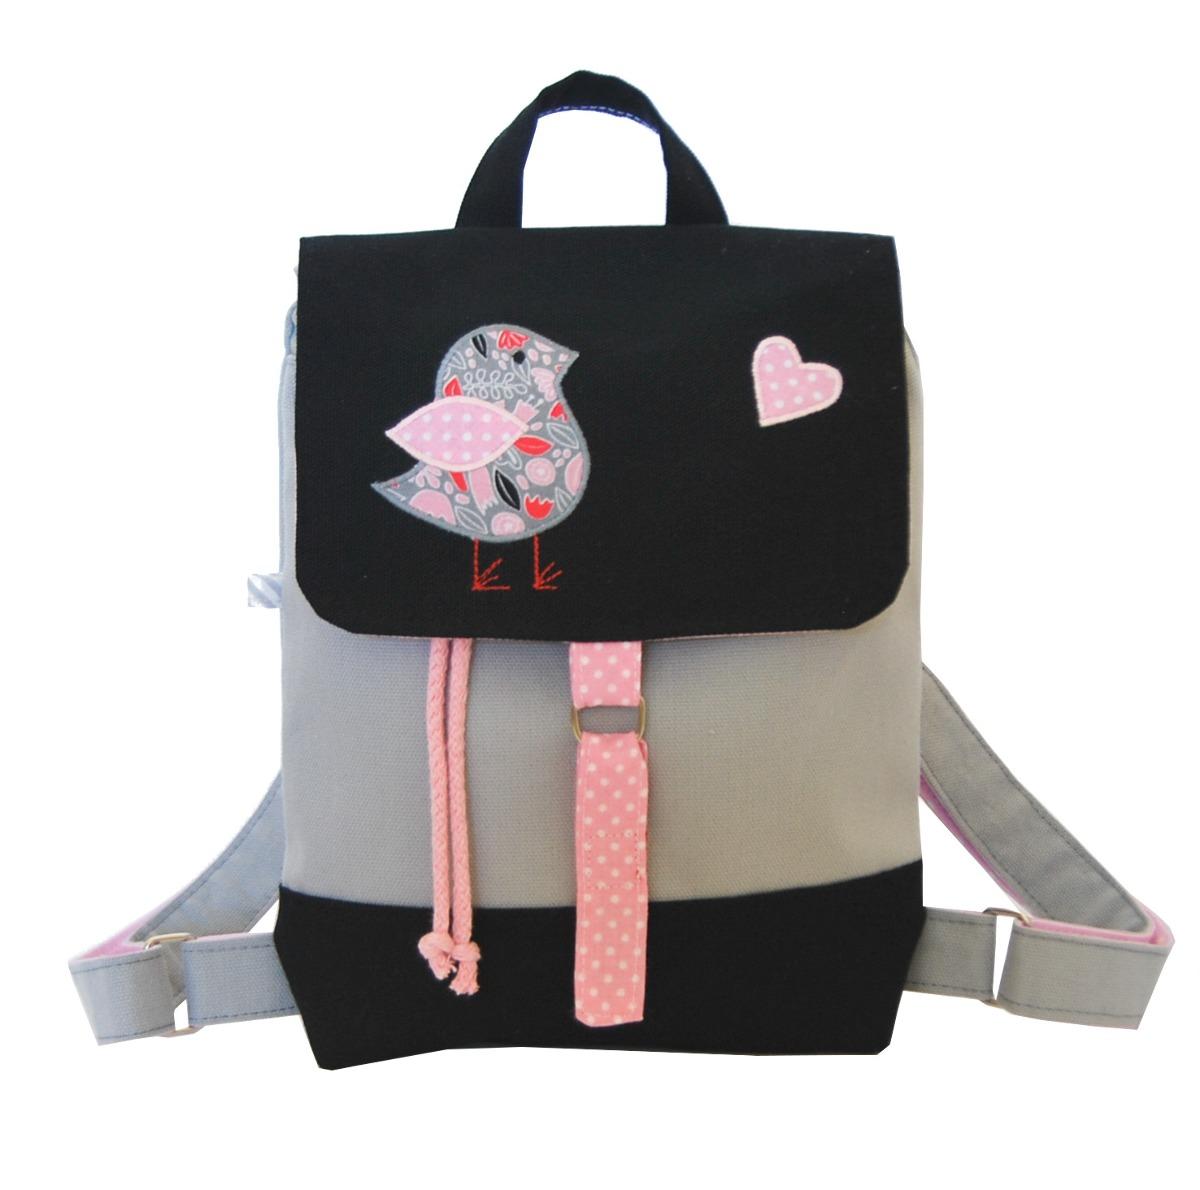 71f2a7fd75dcd Mały plecaczek z ptaszkiem - akcesoria - torebki